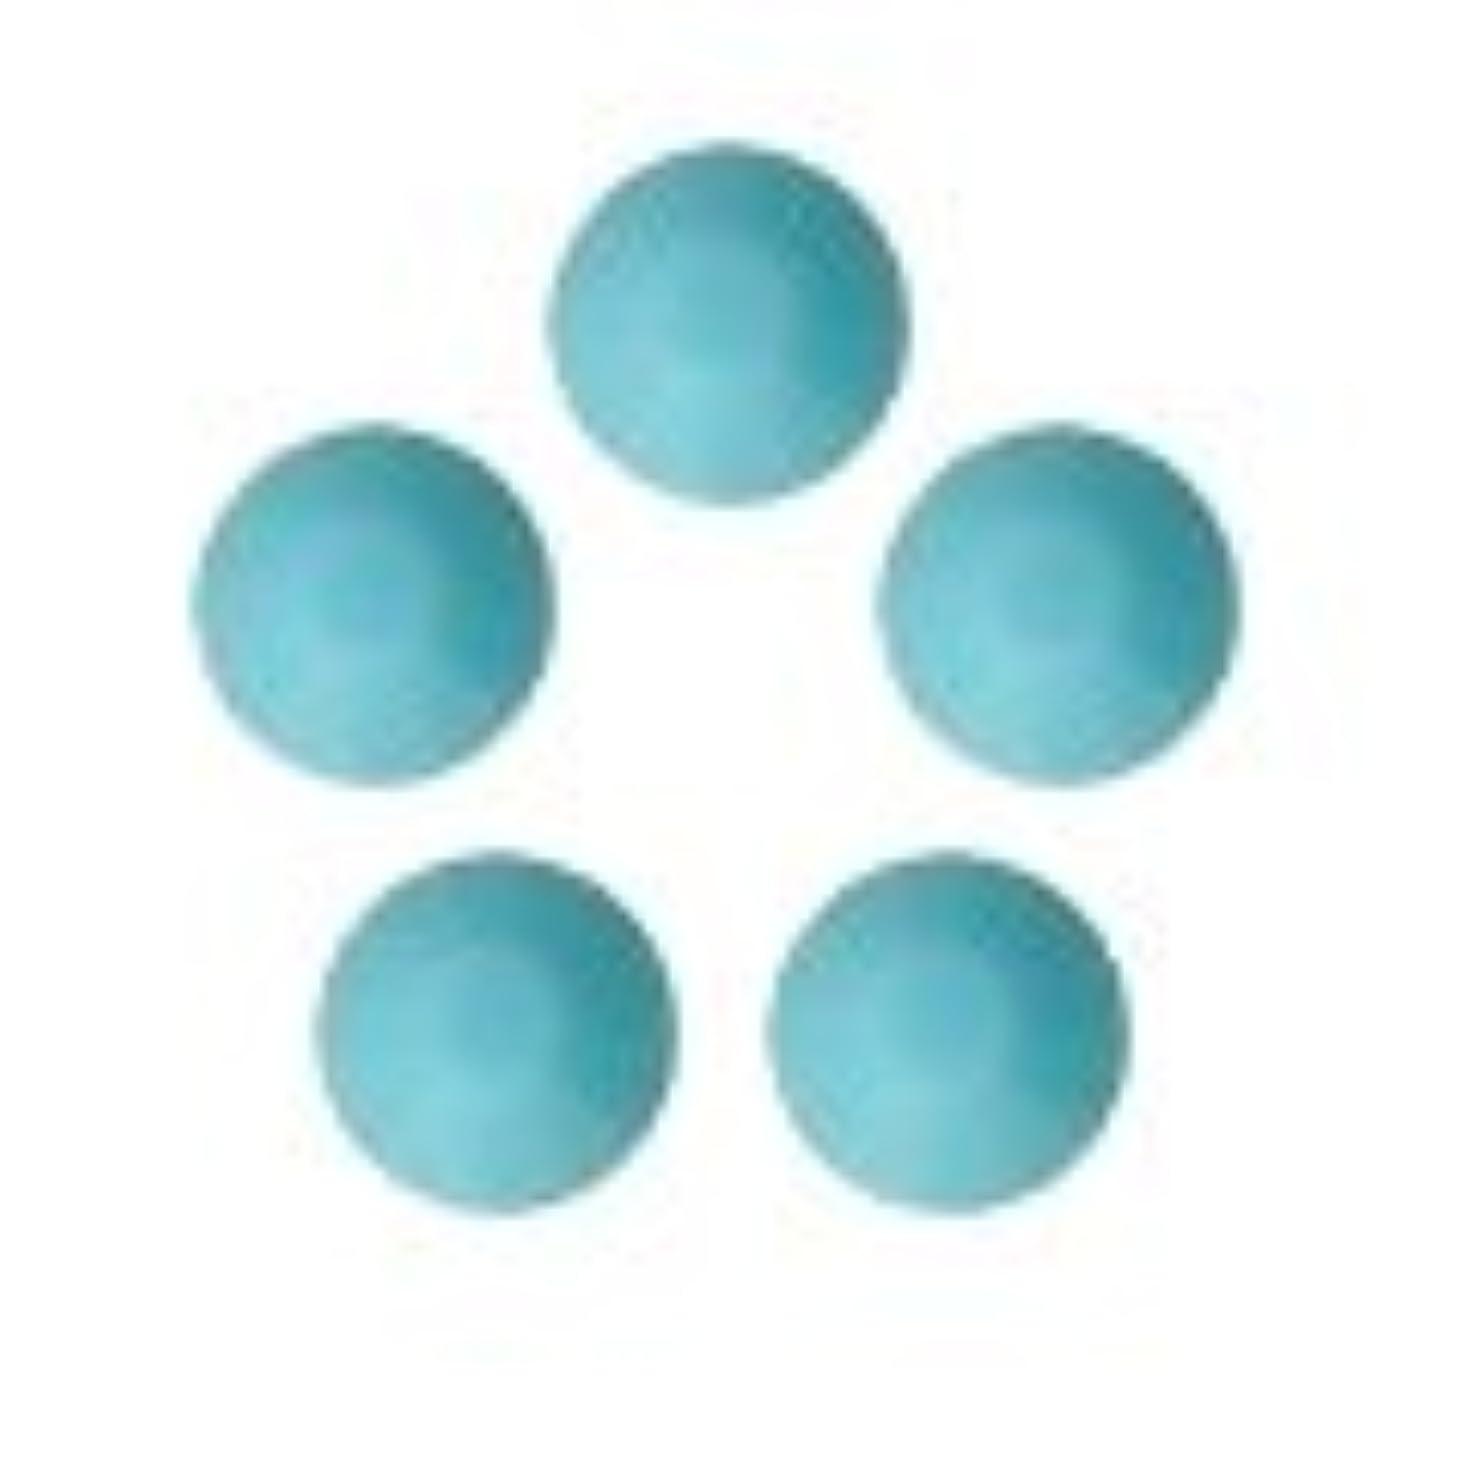 疫病橋疫病プレシオサ マルチネイルコートターコイズ SS16 1440P アート材 3.8~4.0mm